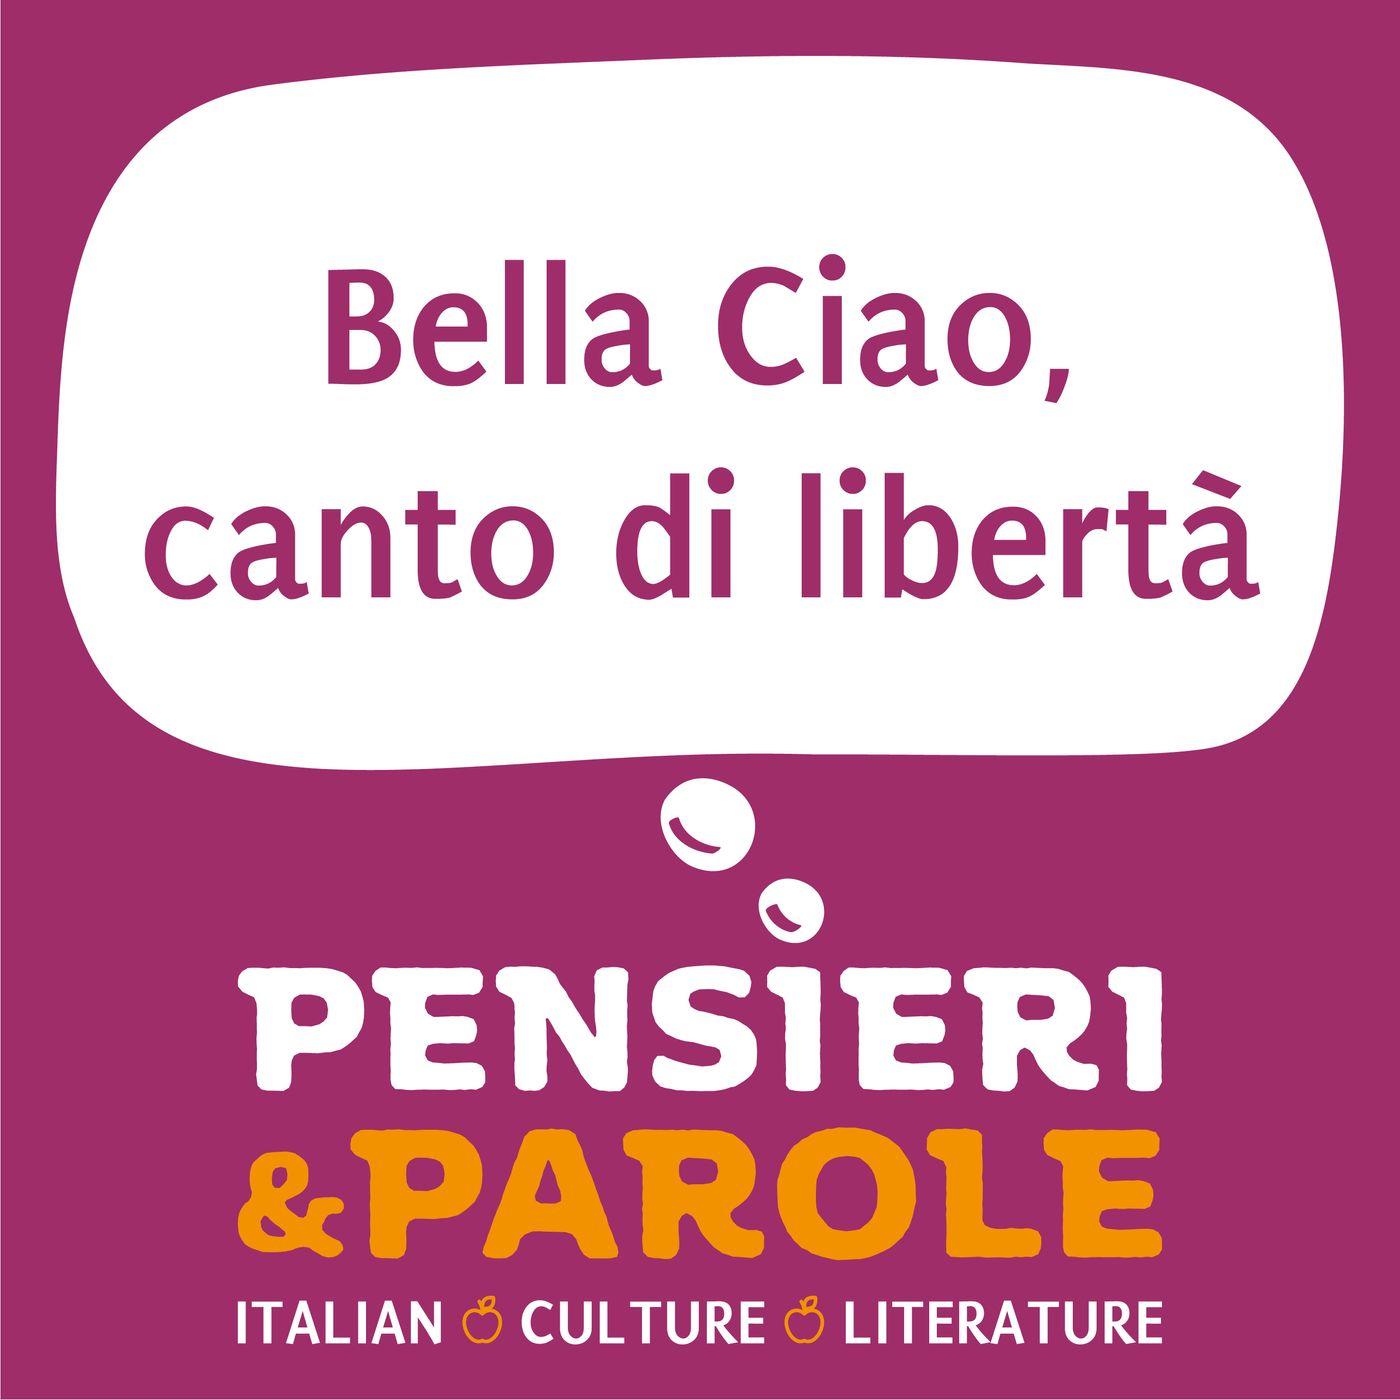 55_Bella Ciao canto di libertà